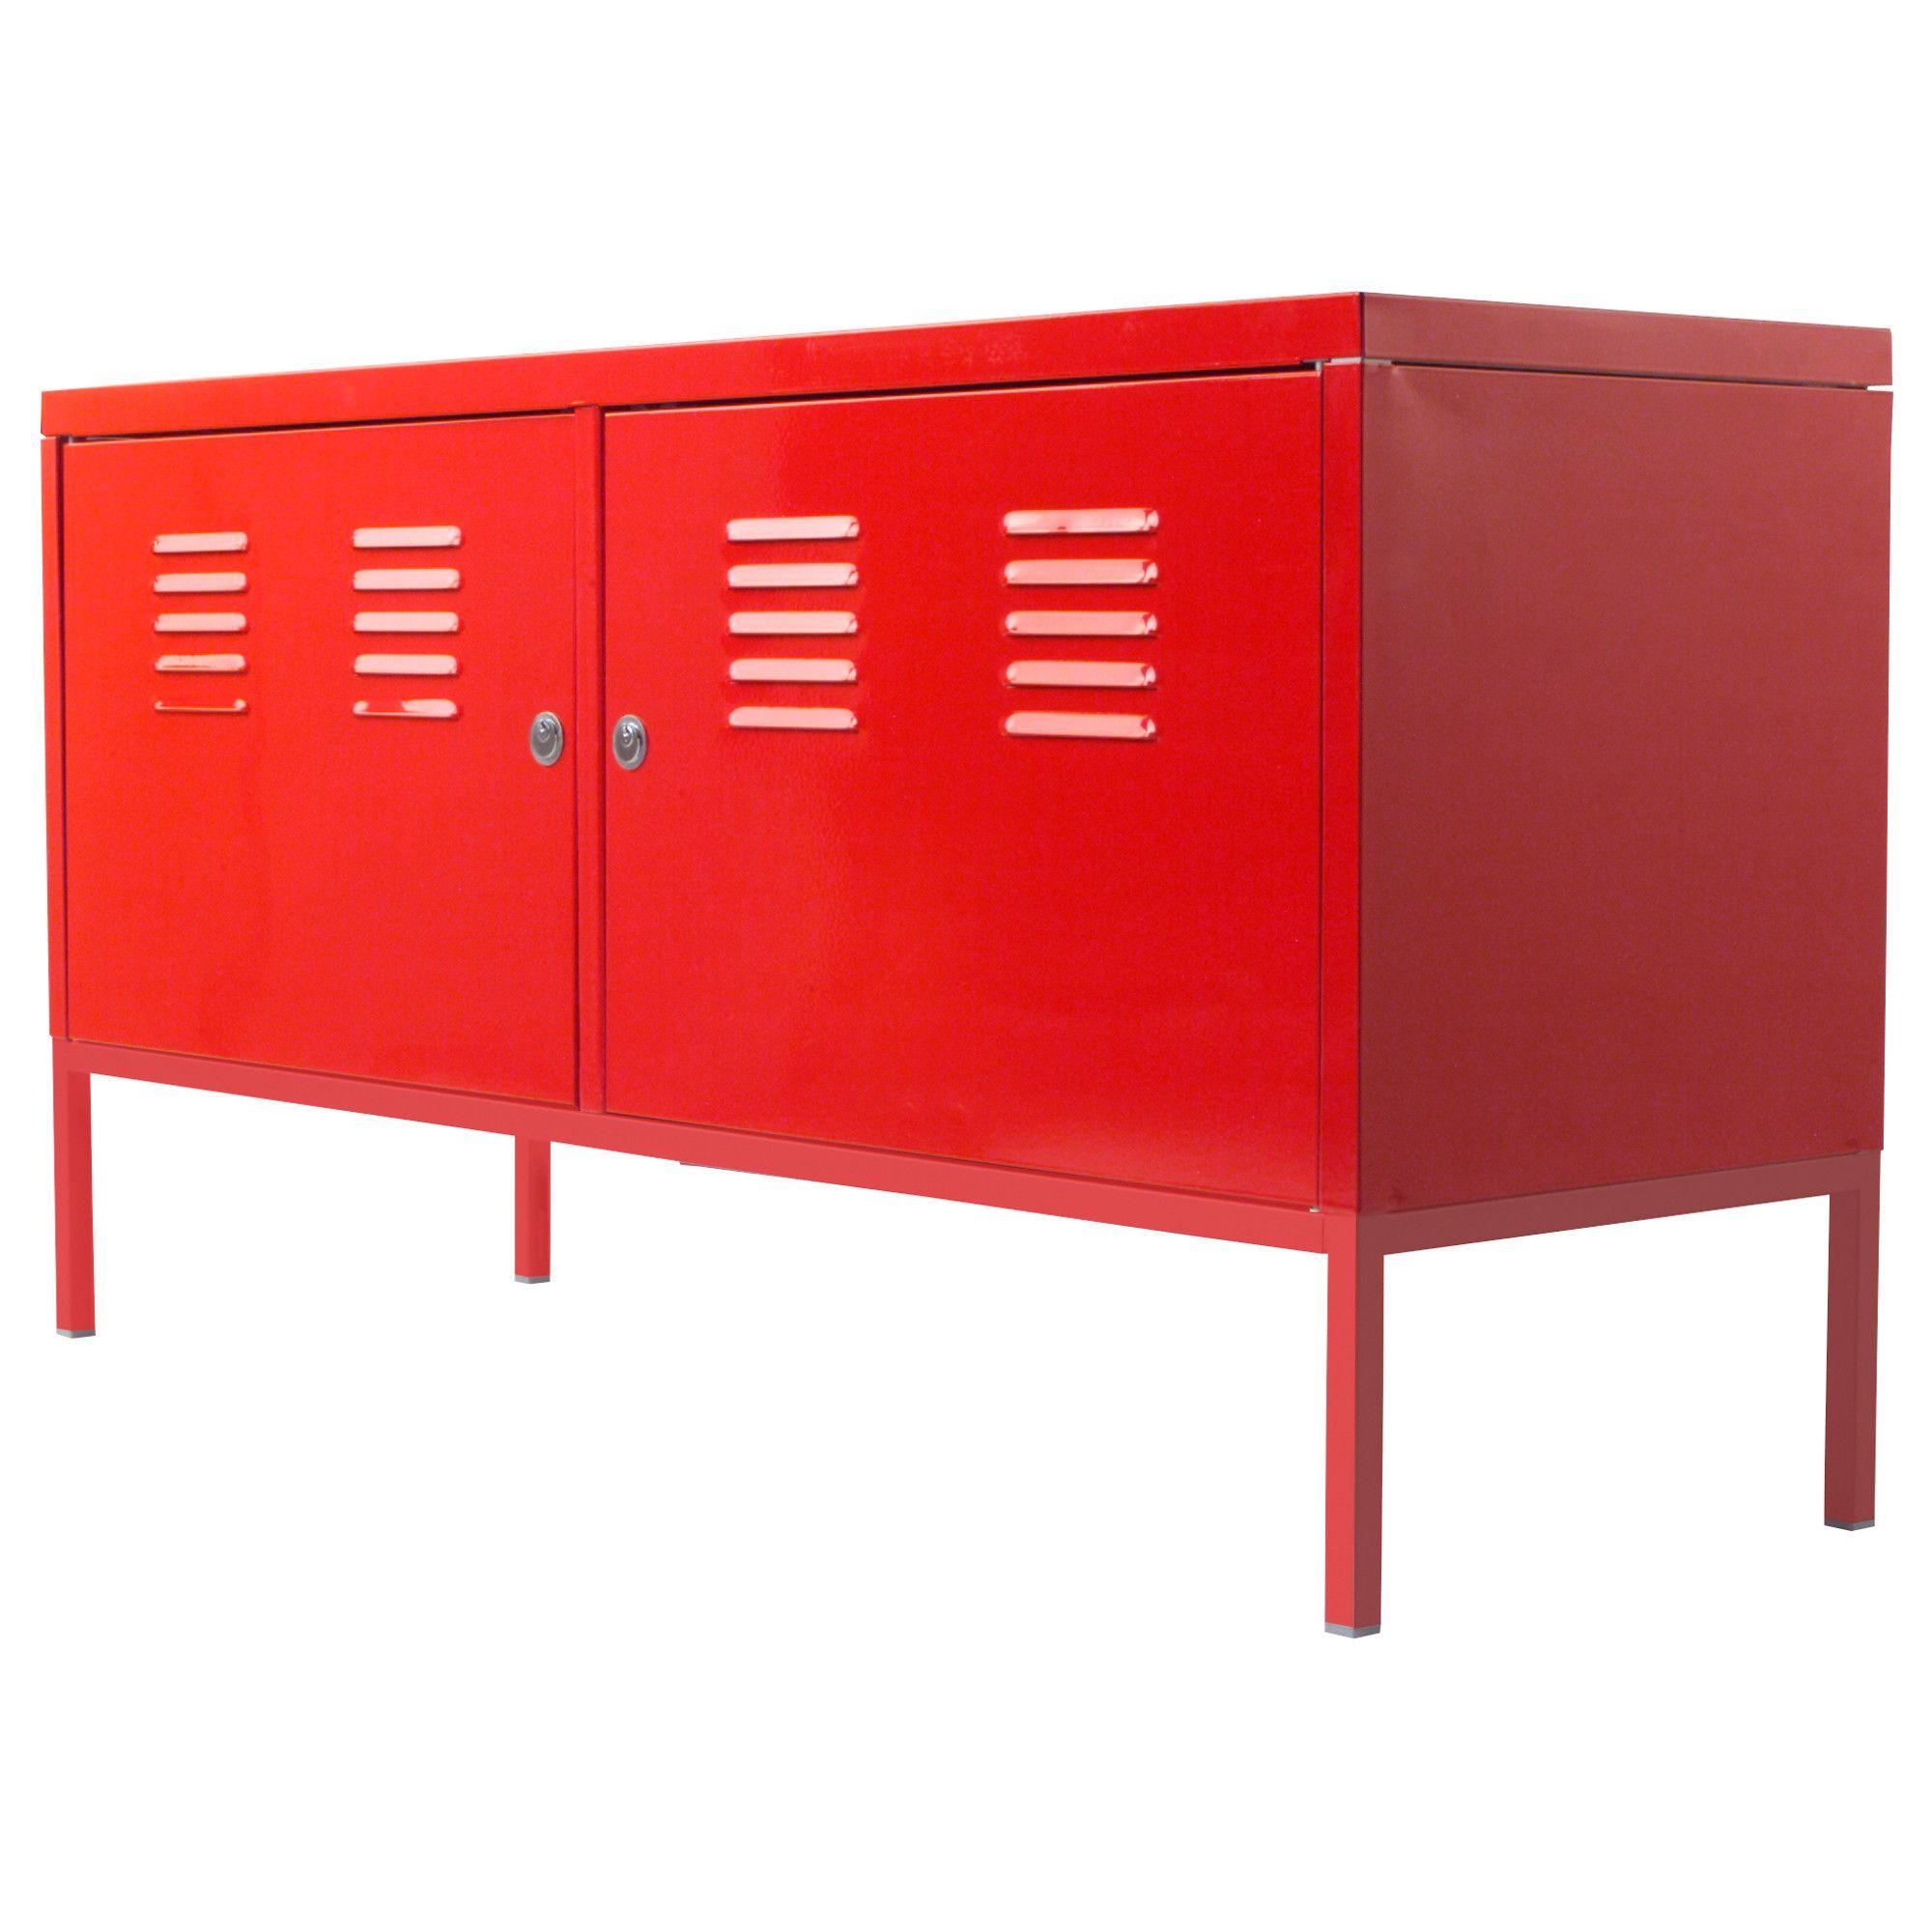 IKEA PS Skap - rød - IKEA